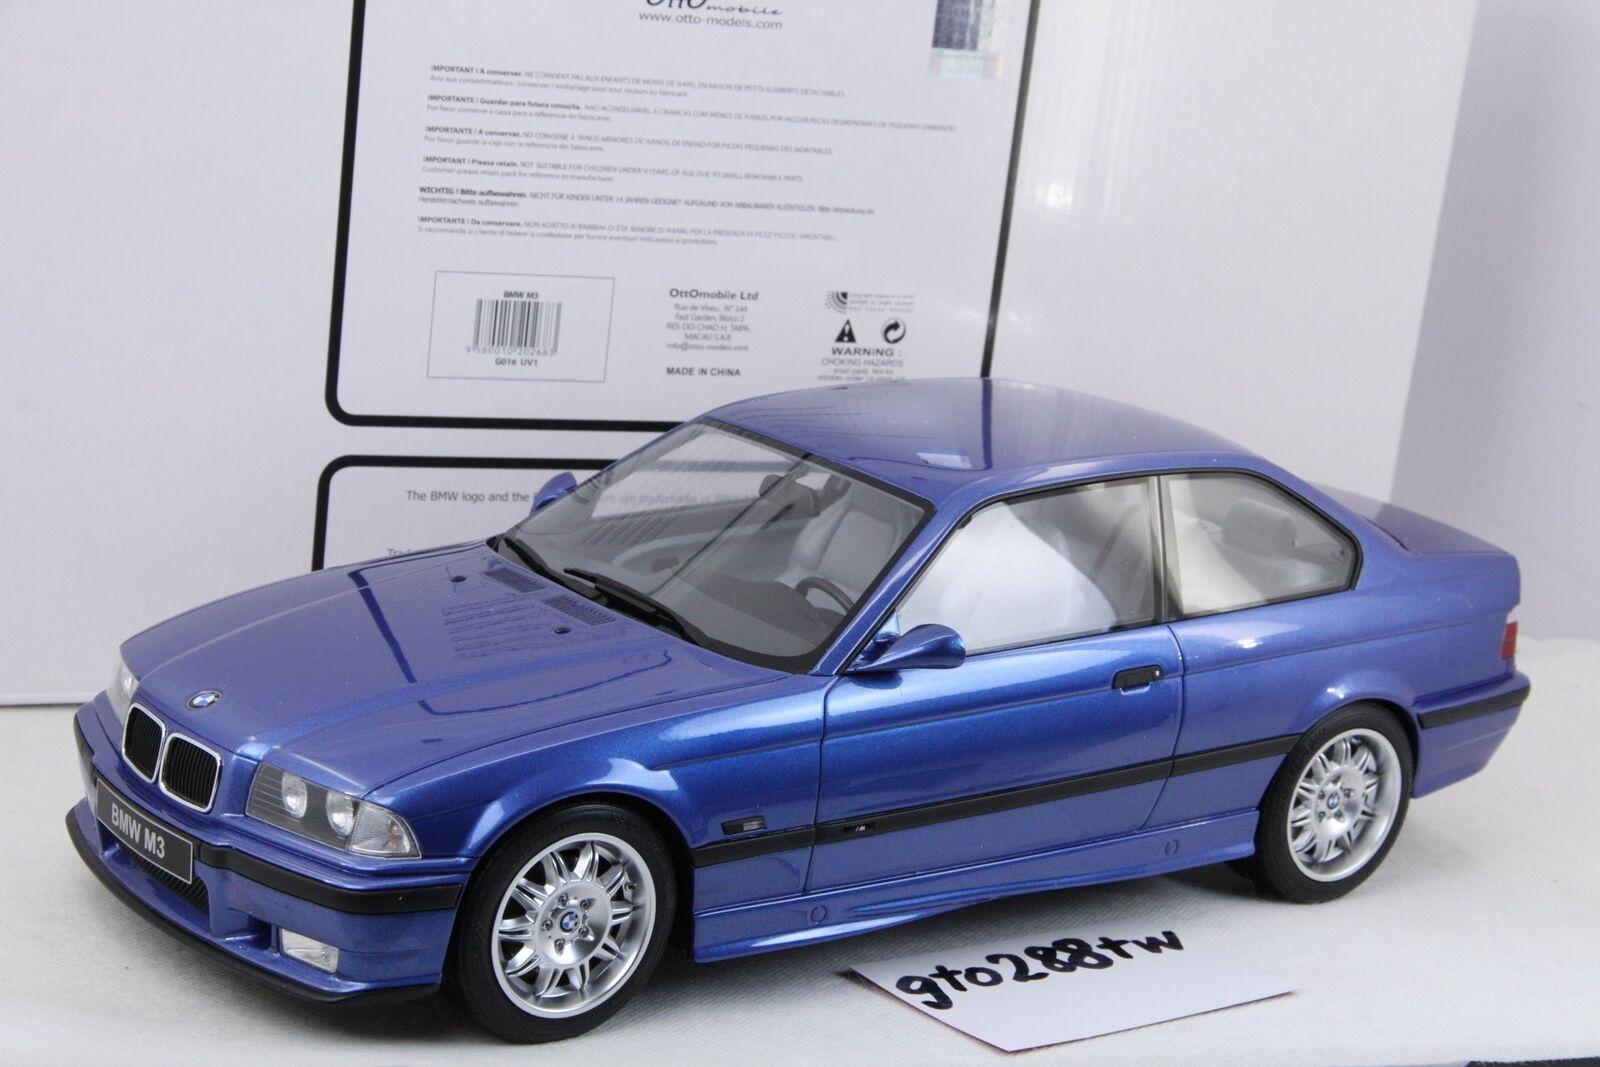 Otto escala 1:12 BMW E36 M3 Coupe 2018 (Estoril Azul)  Edición Limitadajubilado  Ottomobile G016